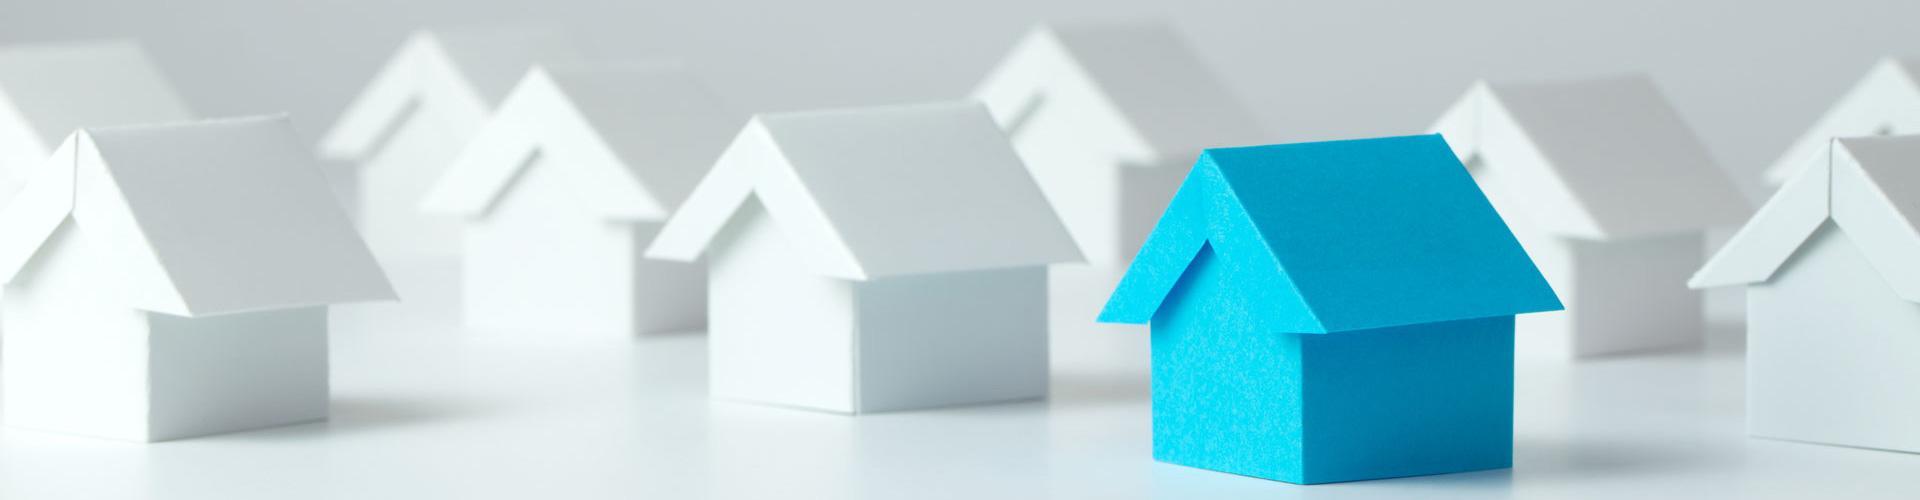 vente immobiliere à MONTREUIL SOUS PEROUSE, LANDAVRAN, VAL D'IZE, CHAMPEAUX, MARPIRE, DOURDAIN ou LA BOUEXIERE (35)